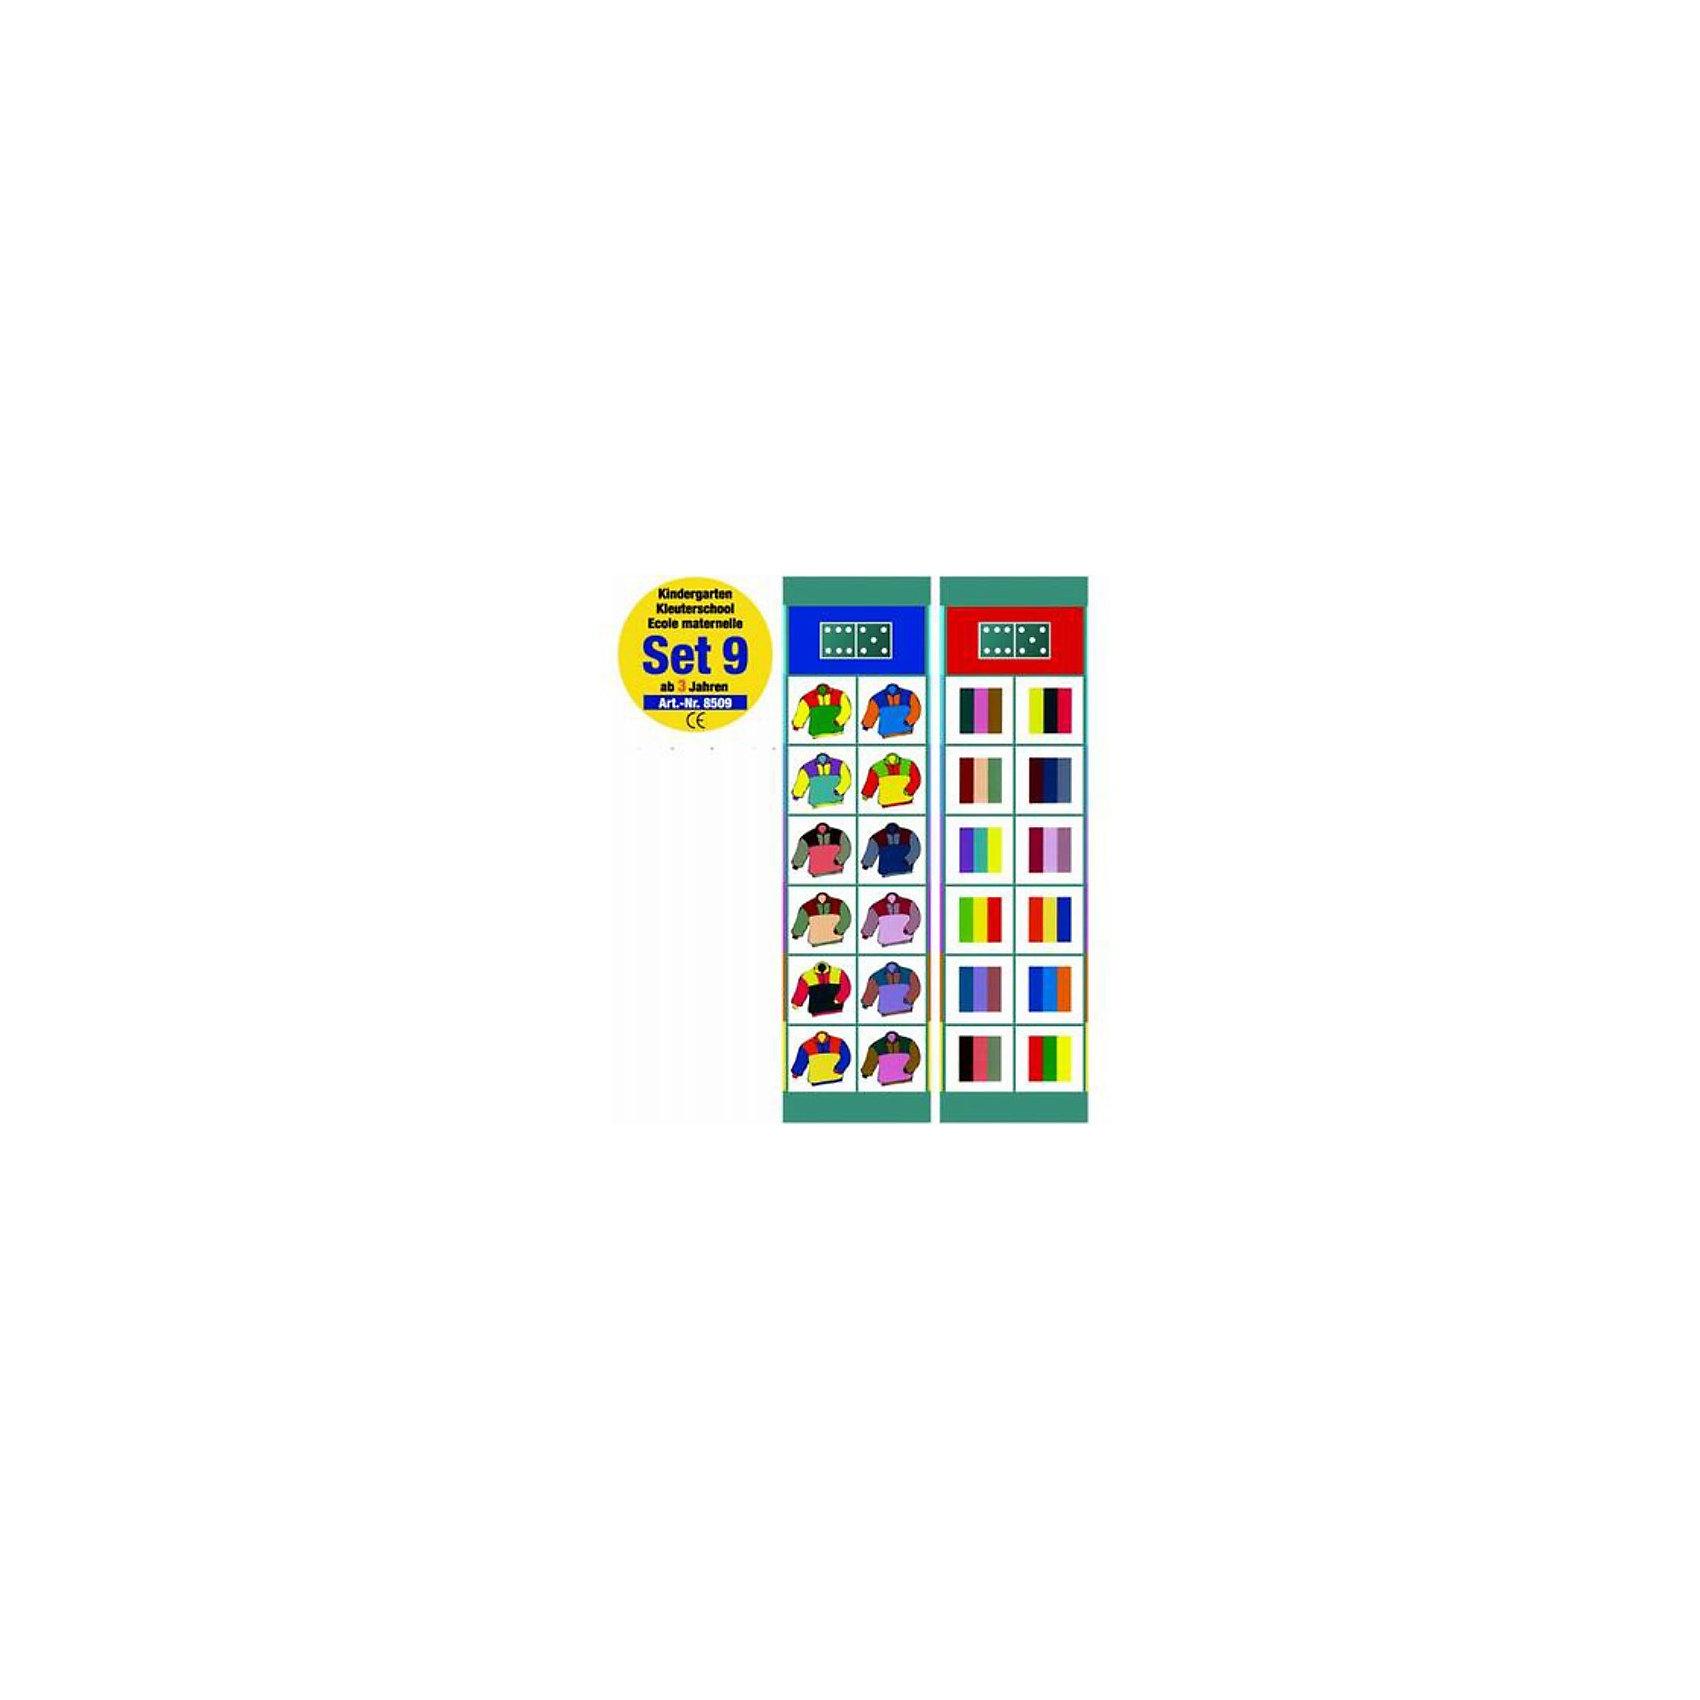 Flocards Набор заданий 9  Детский садИгры для дошкольников<br>Обучающая игра Флокардс с помощью игровой формы развивает у ребенка способность запонимания, концентрации и логического мышления. Использование и оформление магнитов и возможность самостоятельной проверки решений заданий пробуждает при этом особый интерес у ребенка. В набор входит 12 заданий для малышей от 3 лет на изучение цветов, развитие логики.<br><br>Карточки с заданиями:<br>1. Найди бабочку такого же цвета<br>2. Найди одинаковую пару медведей.<br>3. Найди строительный кран в таком же положении.<br>4. Найди одинаковый цветок<br>5. Какому животному соответствует контур?<br>6. Что продал булочник?<br>7. Что продал мясник?<br>8. 2 кирпичика <br>9. Танцующие гномы<br>10. Что соответствует друг другу?<br>11. Свитера 3 цветов<br>12. 3 простых головоломки.<br><br>Ширина мм: 300<br>Глубина мм: 8<br>Высота мм: 105<br>Вес г: 200<br>Возраст от месяцев: 36<br>Возраст до месяцев: 84<br>Пол: Унисекс<br>Возраст: Детский<br>SKU: 2200308